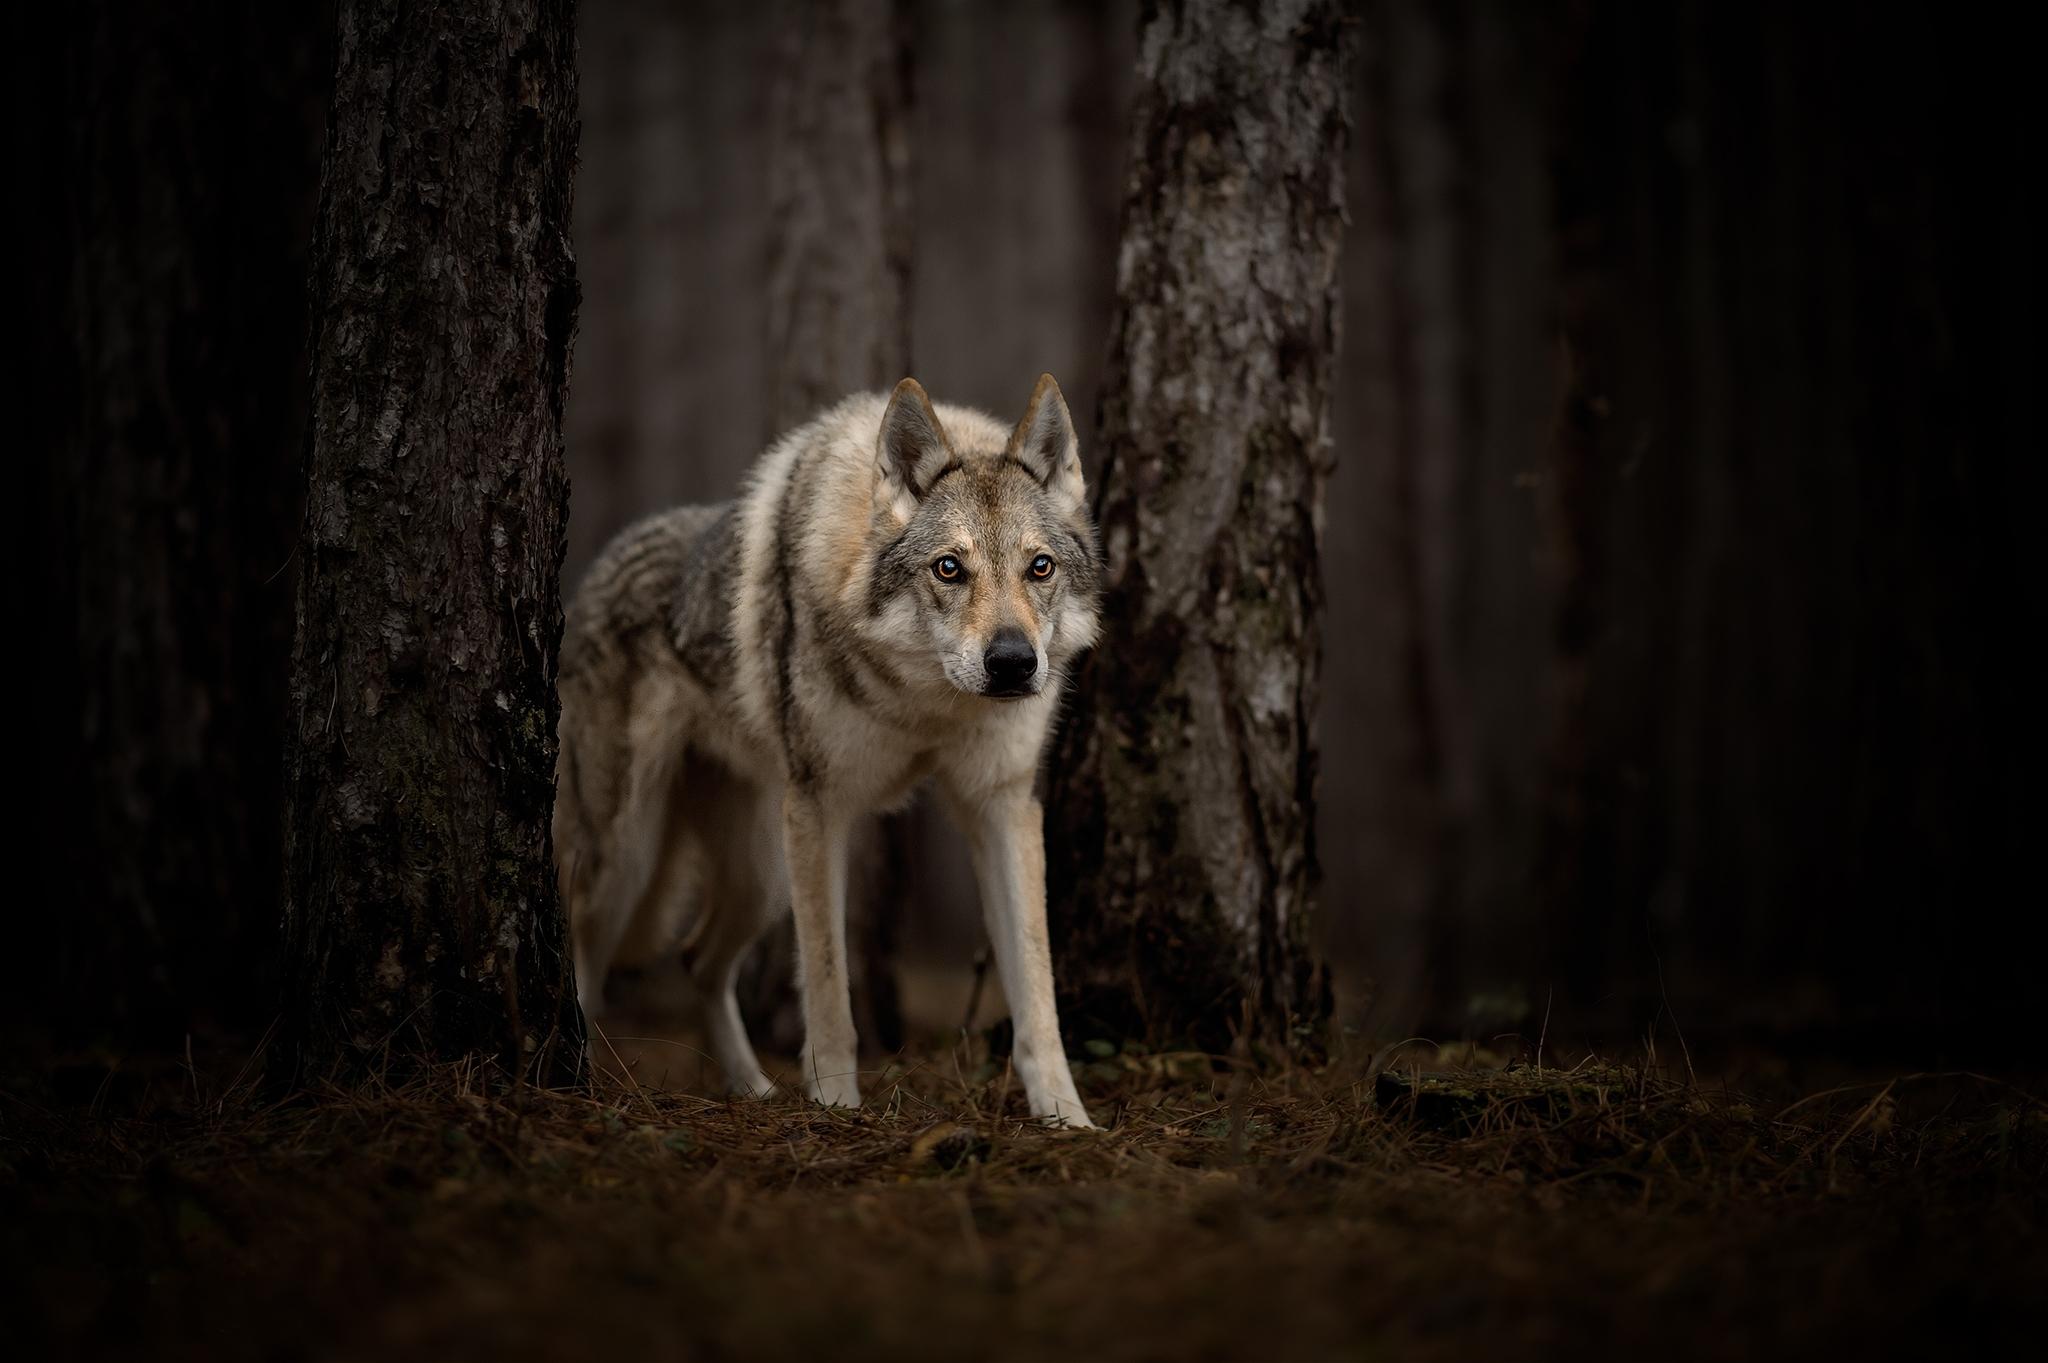 Заставки на телефон скачать волки (1)